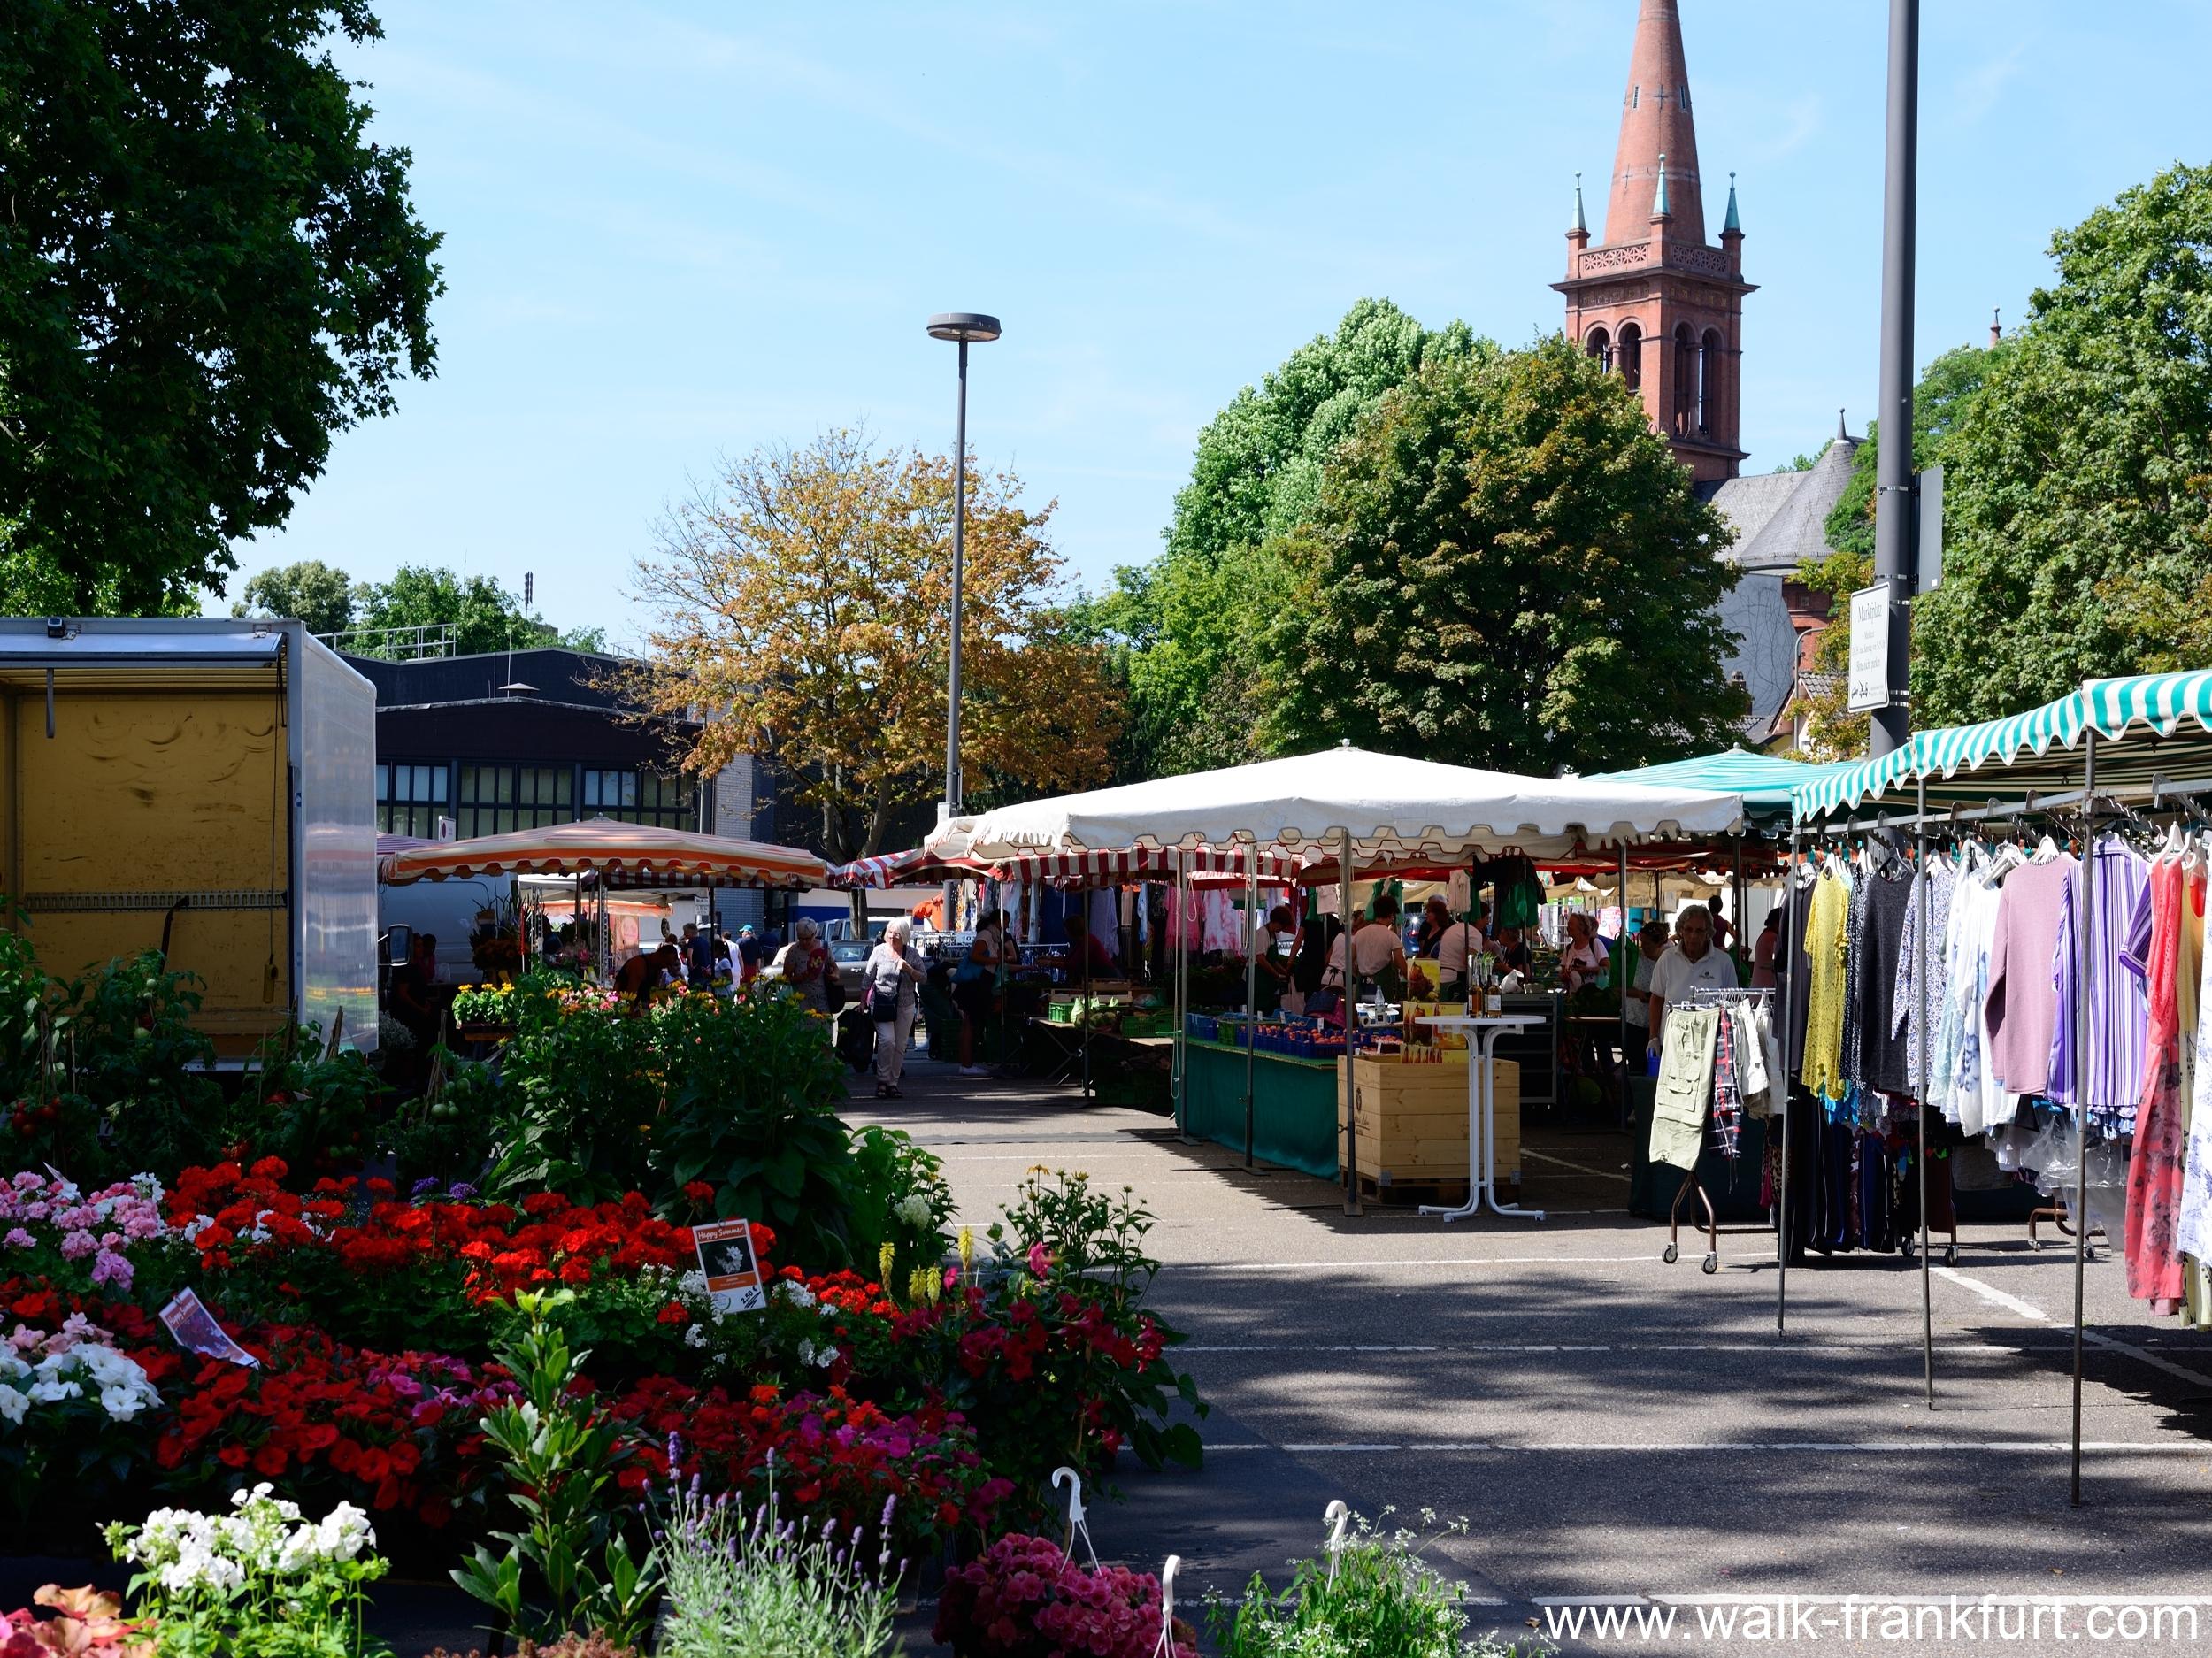 Höchst market place